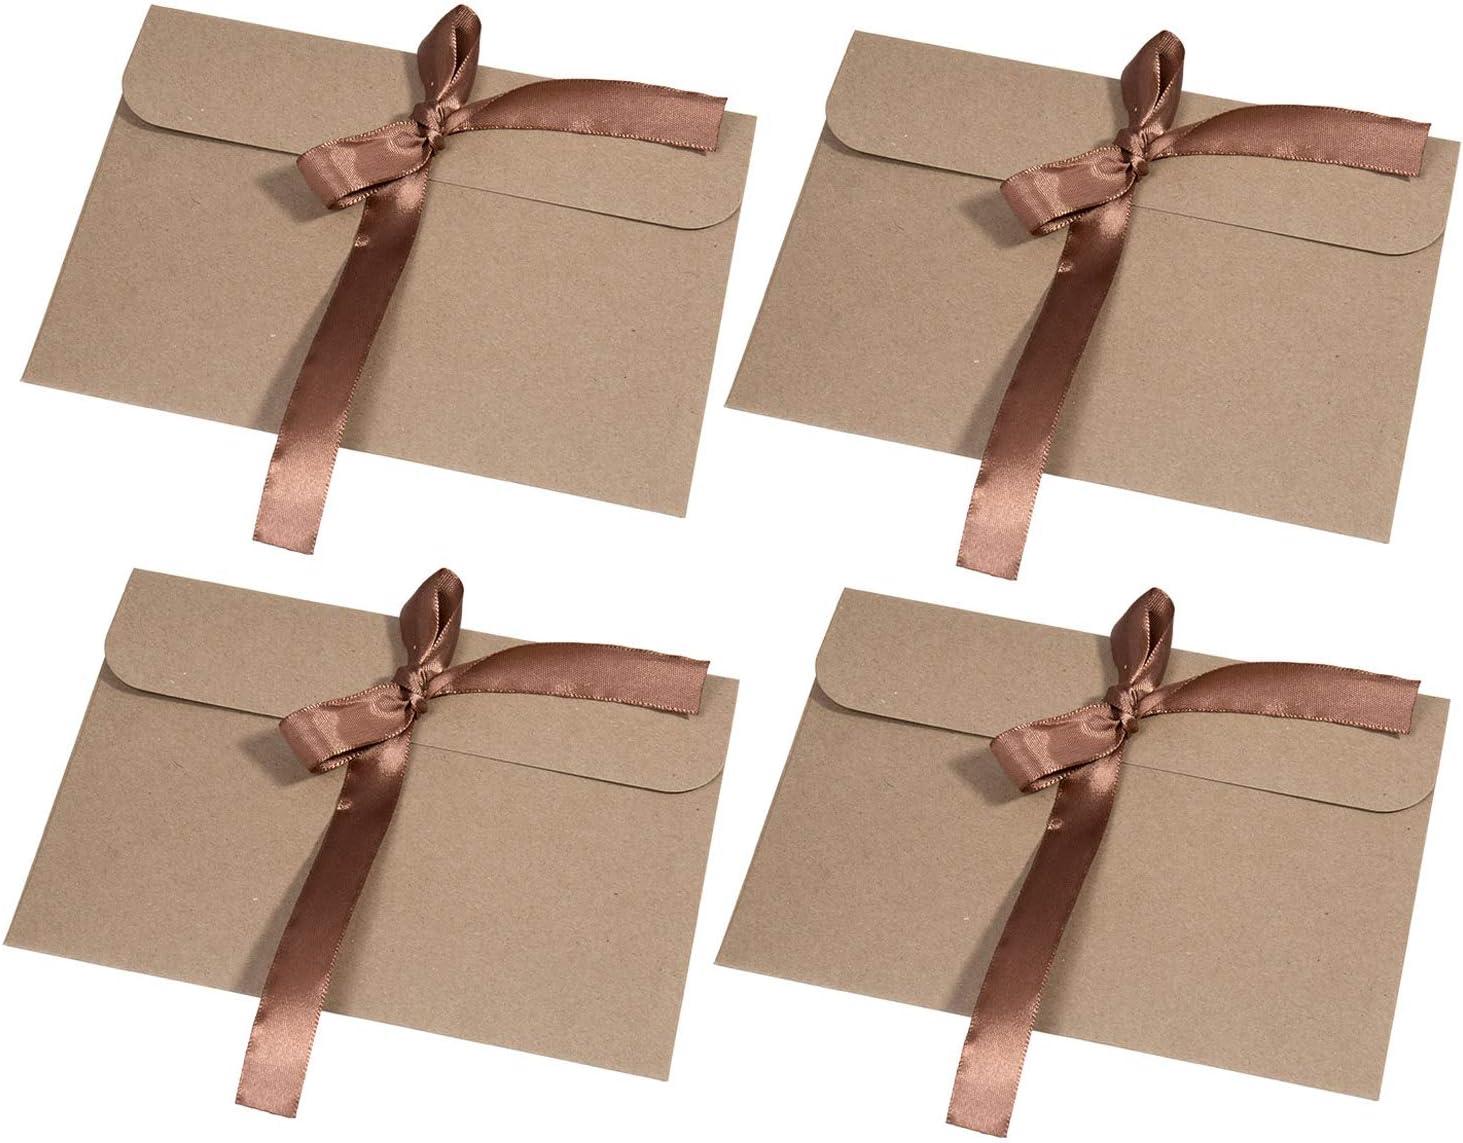 30 Piezas Vintage Kraft Cinta Sobres MOOKLIN Regalo Sobres de Tarjeta de Boda Fiesta Oficina (tamaño:17.2 x 12.5 cm) - Cinta marrón